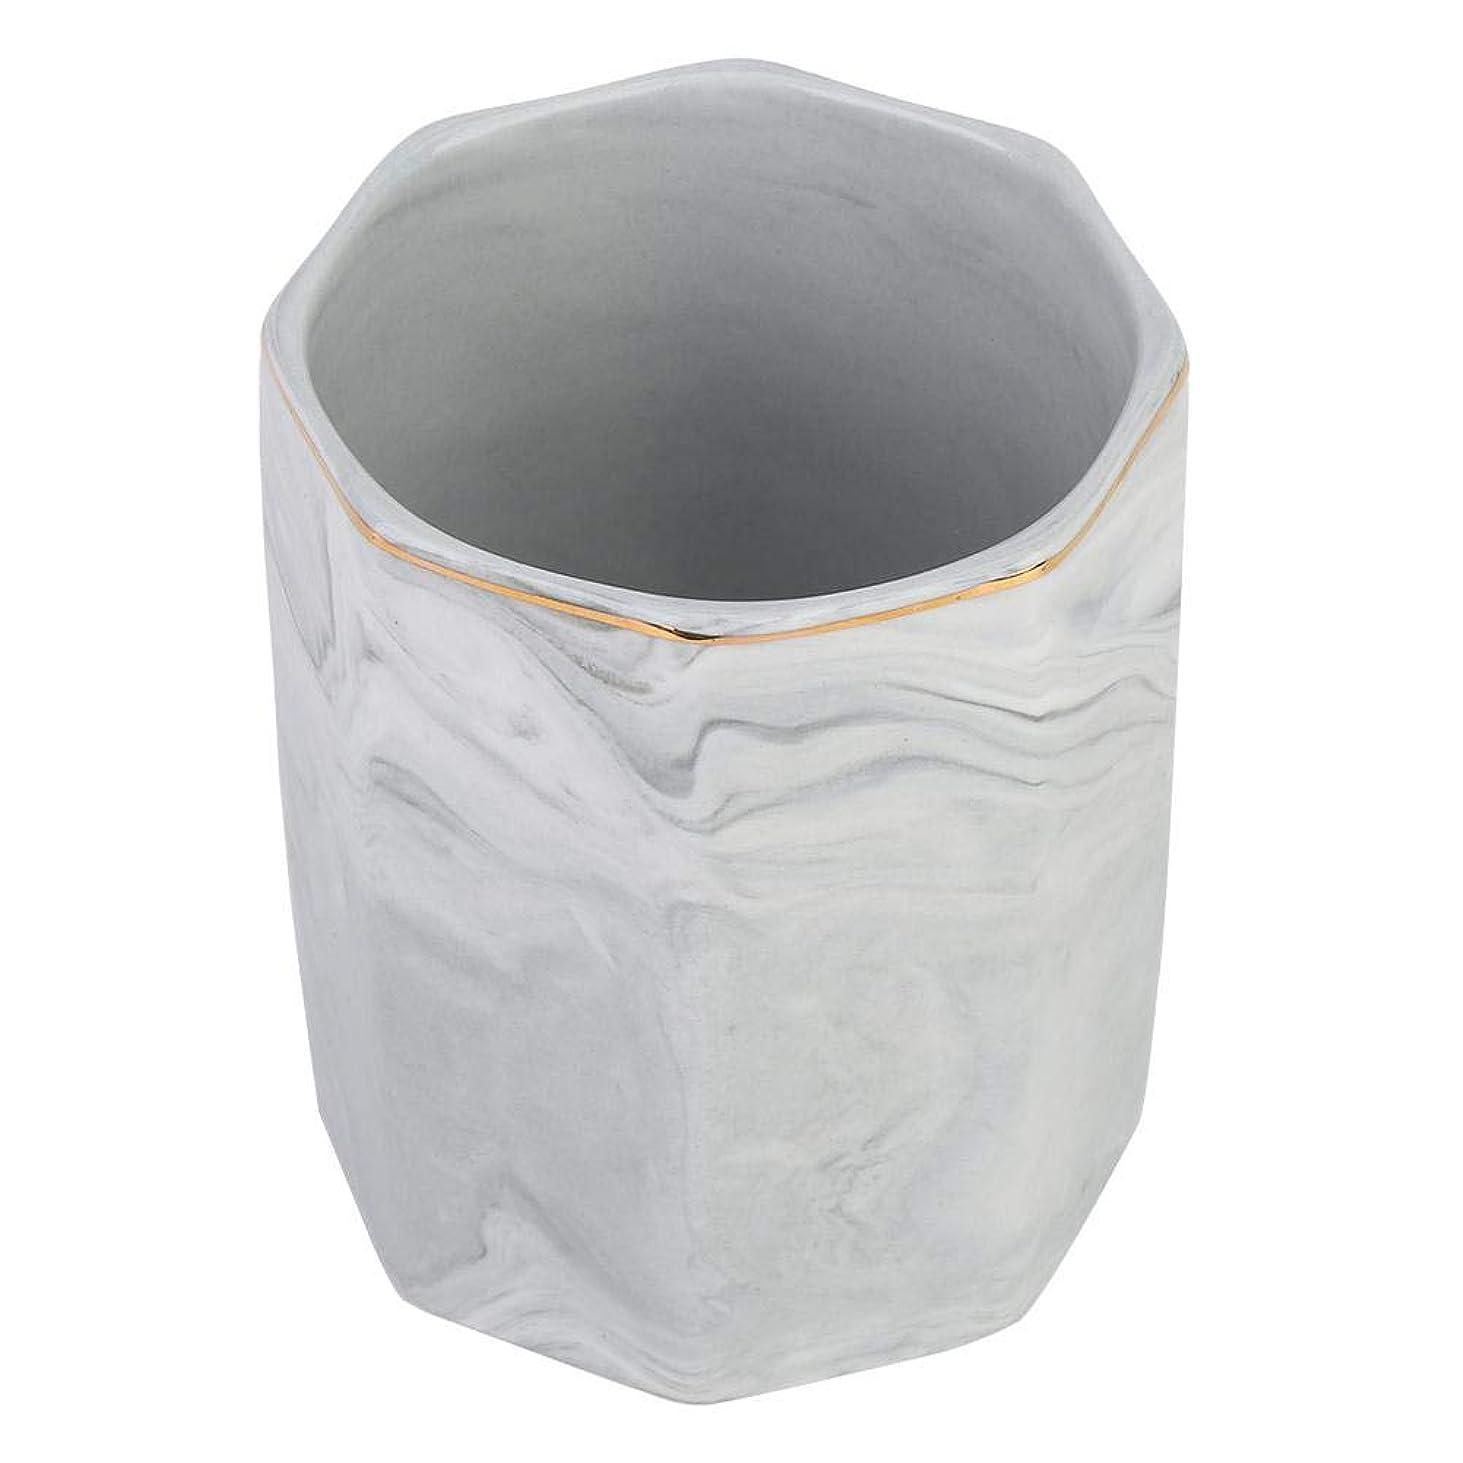 ロバ症候群ソーセージ化粧ブラシホルダー、ネイルアートツールホルダーとゴールドエッジの霜降り収納ケース(グレー)